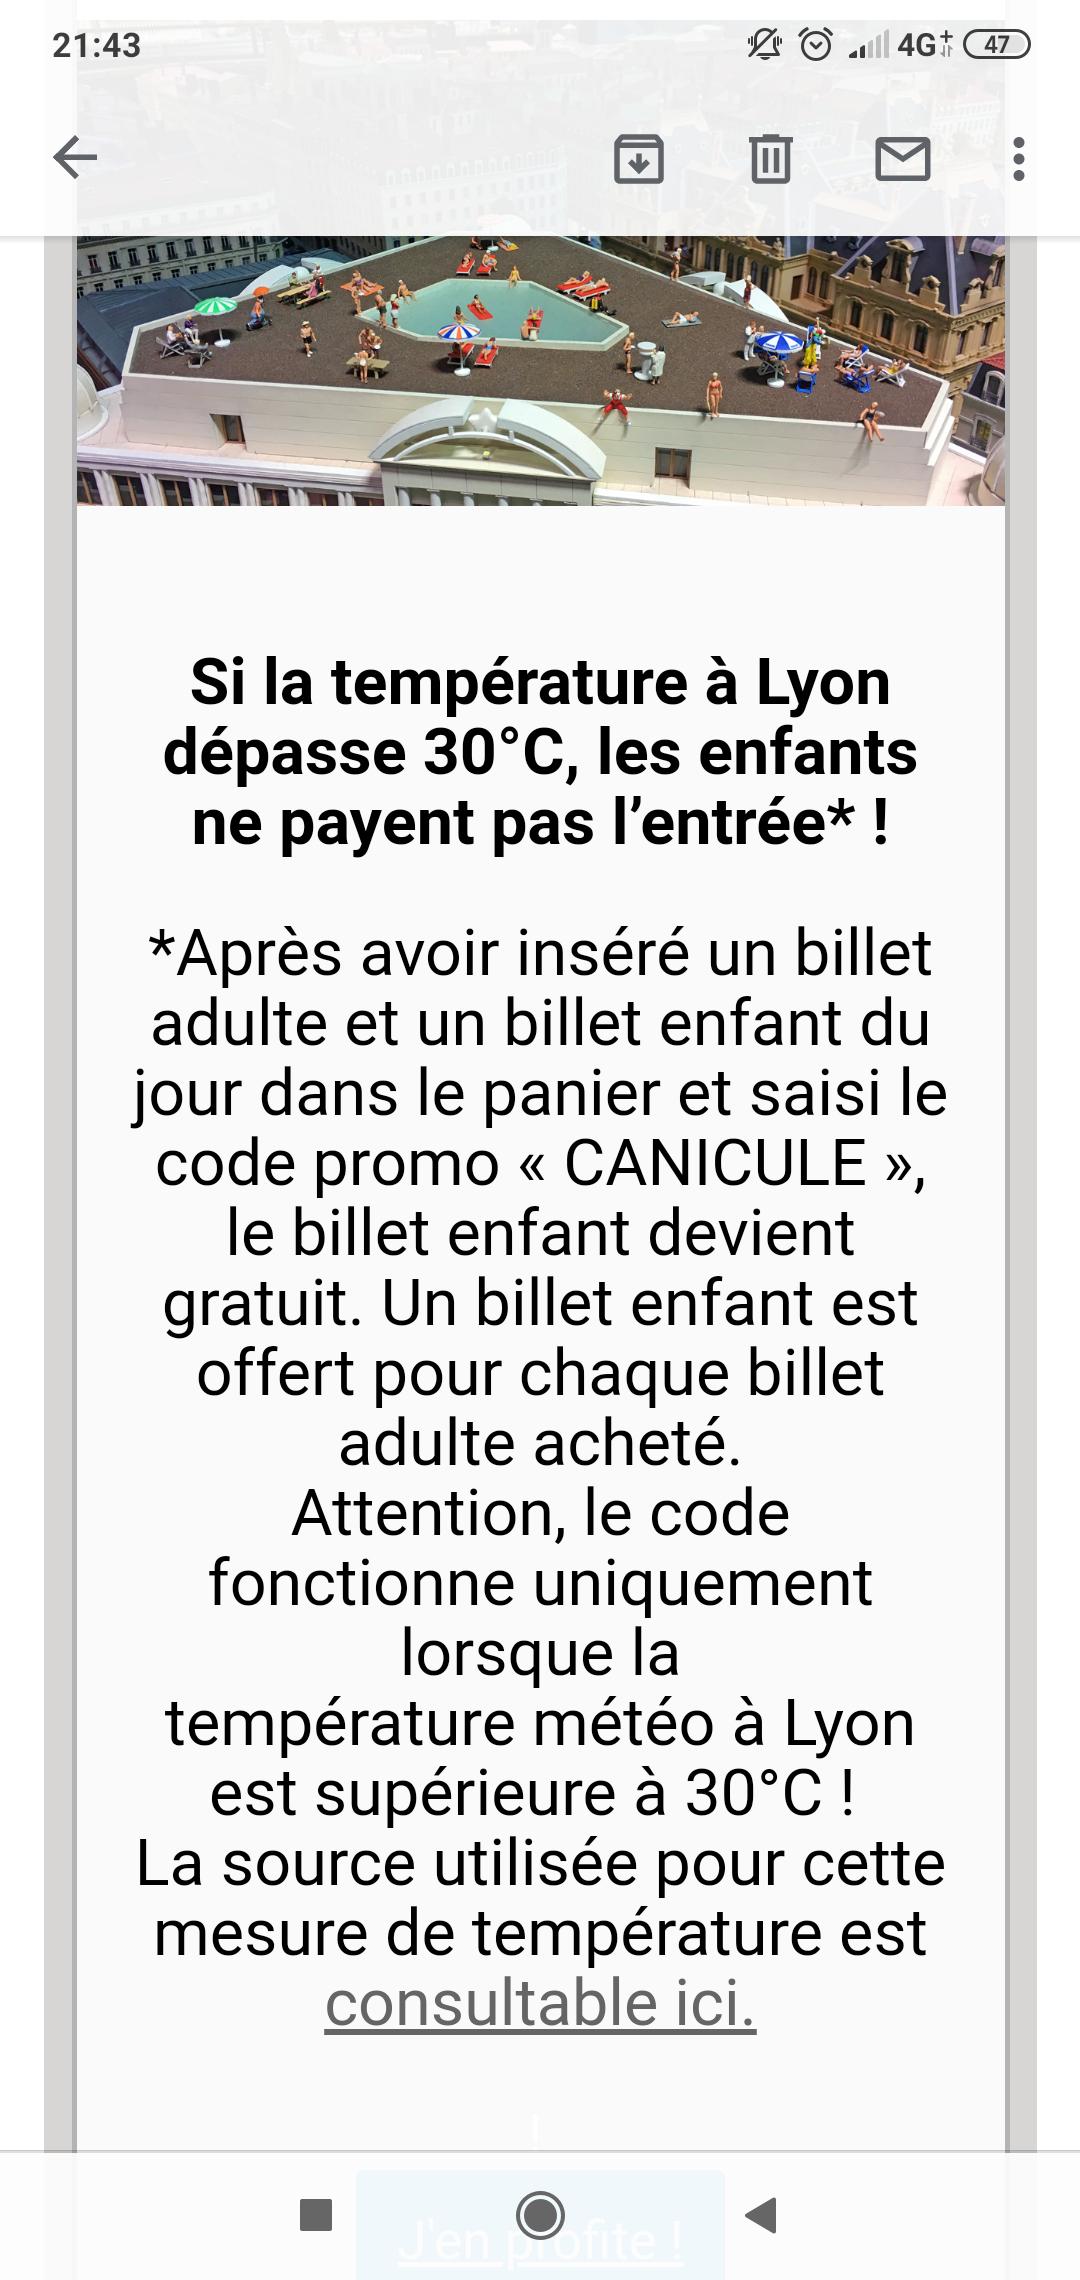 1 Entrée adulte au mini world achetée = 1 entrée offerte les jours où la température est supérieure à 30°c - Lyon (69)